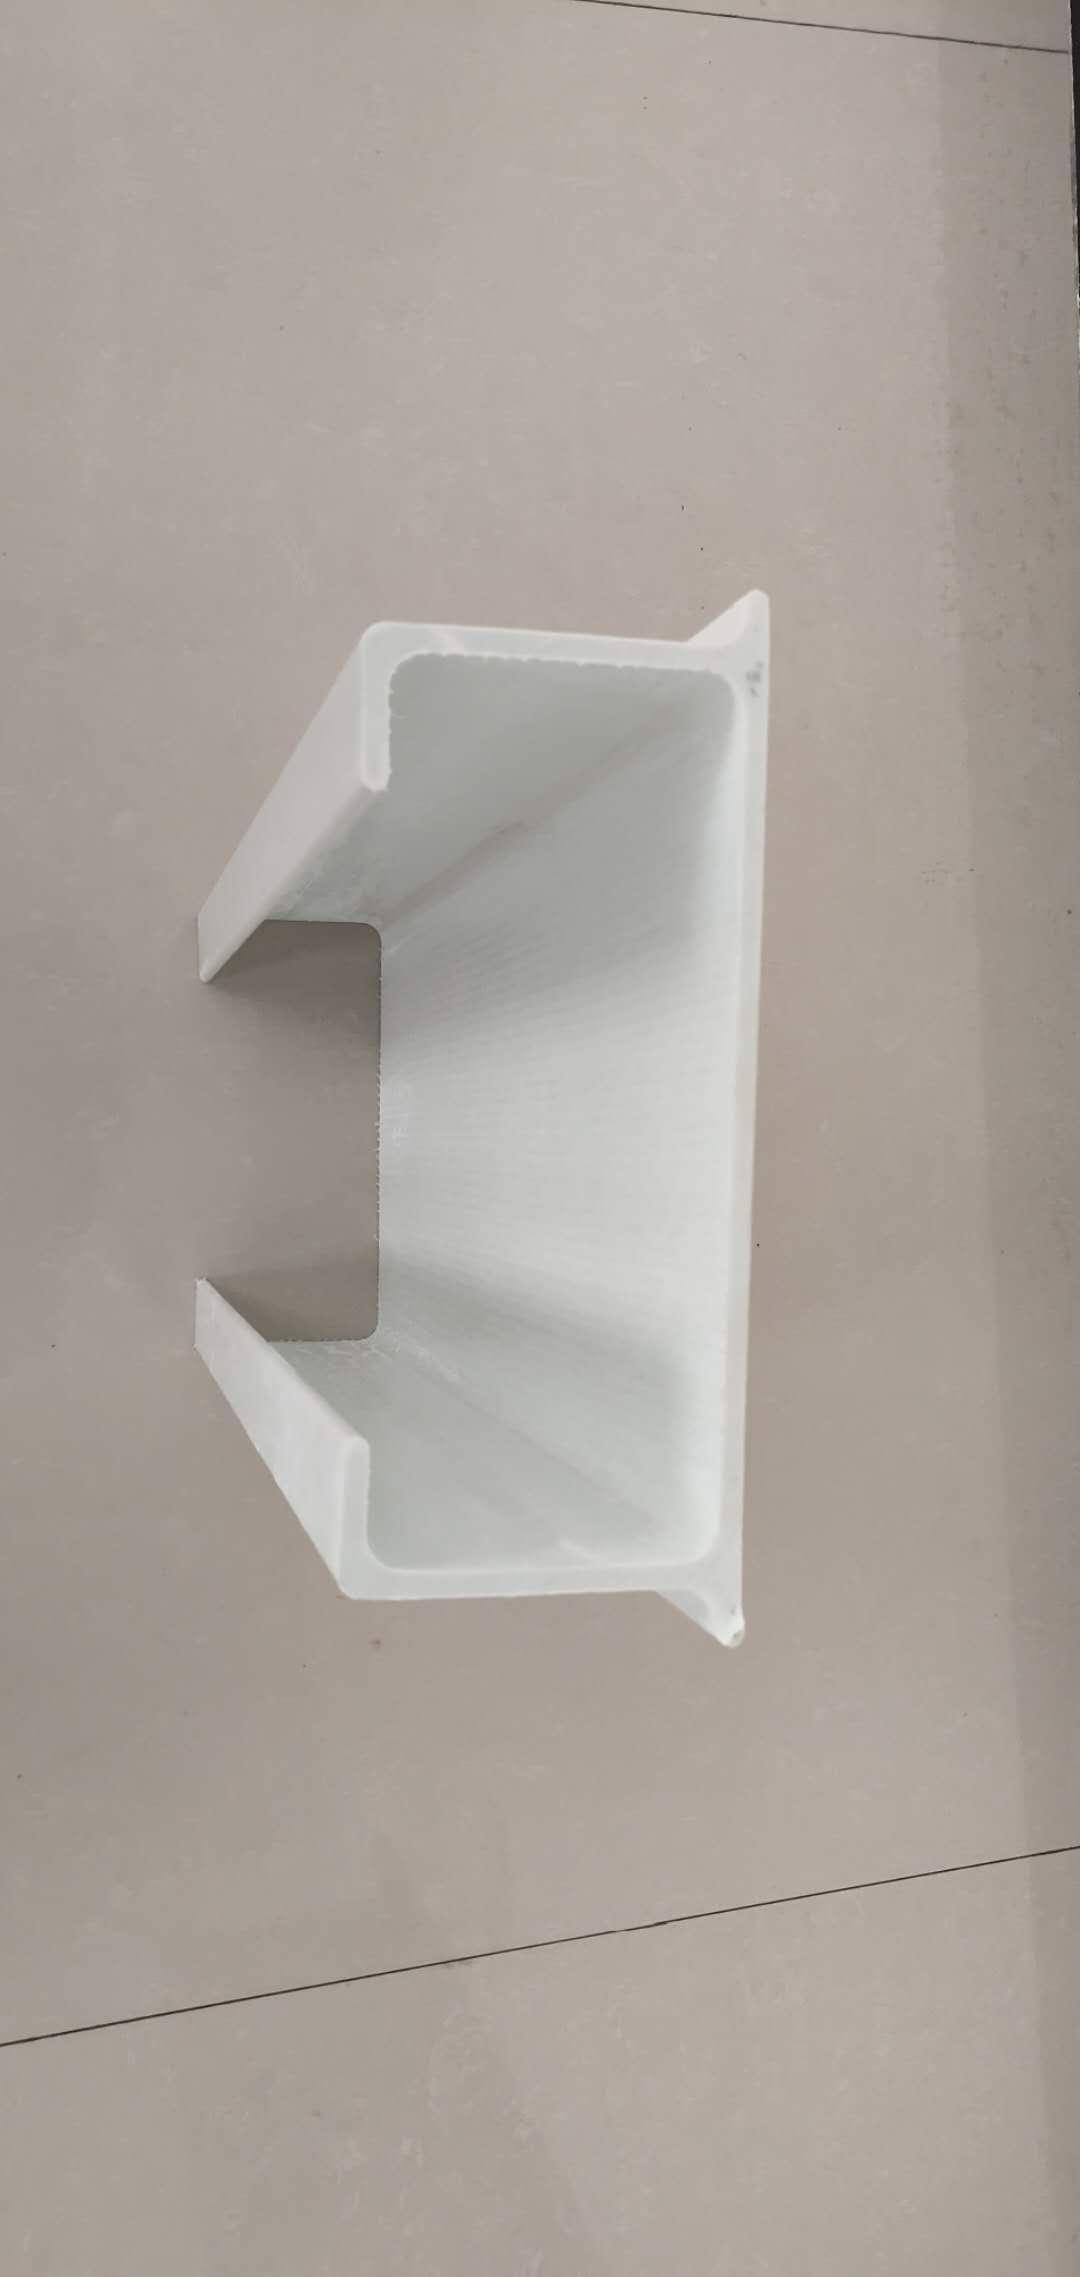 口碑好的玻璃钢刮泥板经销商_定制隔离栅、栏、网生产厂家-新乡市祥泰复合材料有限公司